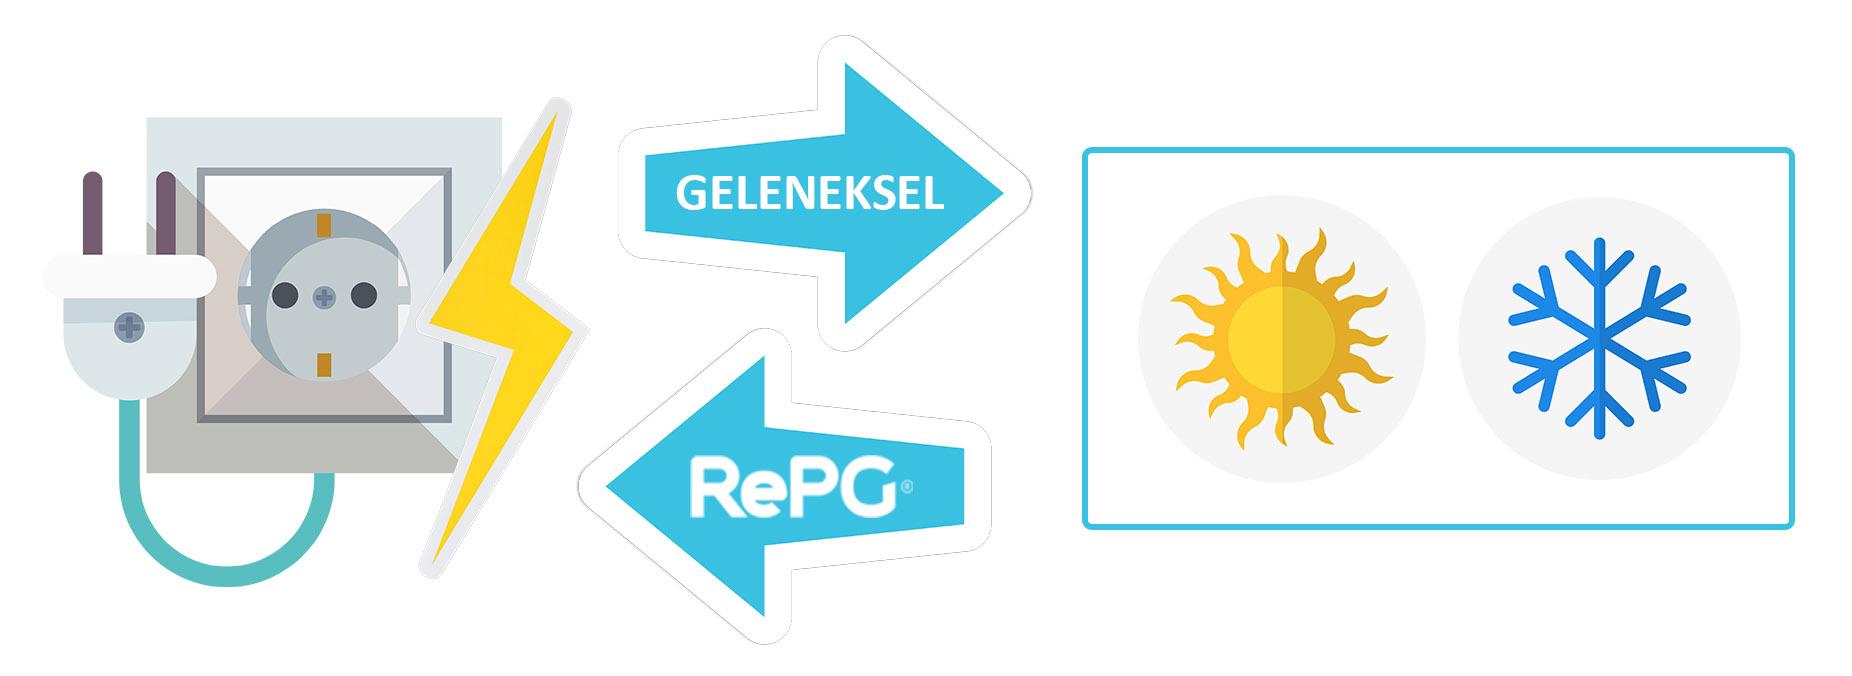 RePG Çalışma Prensibi